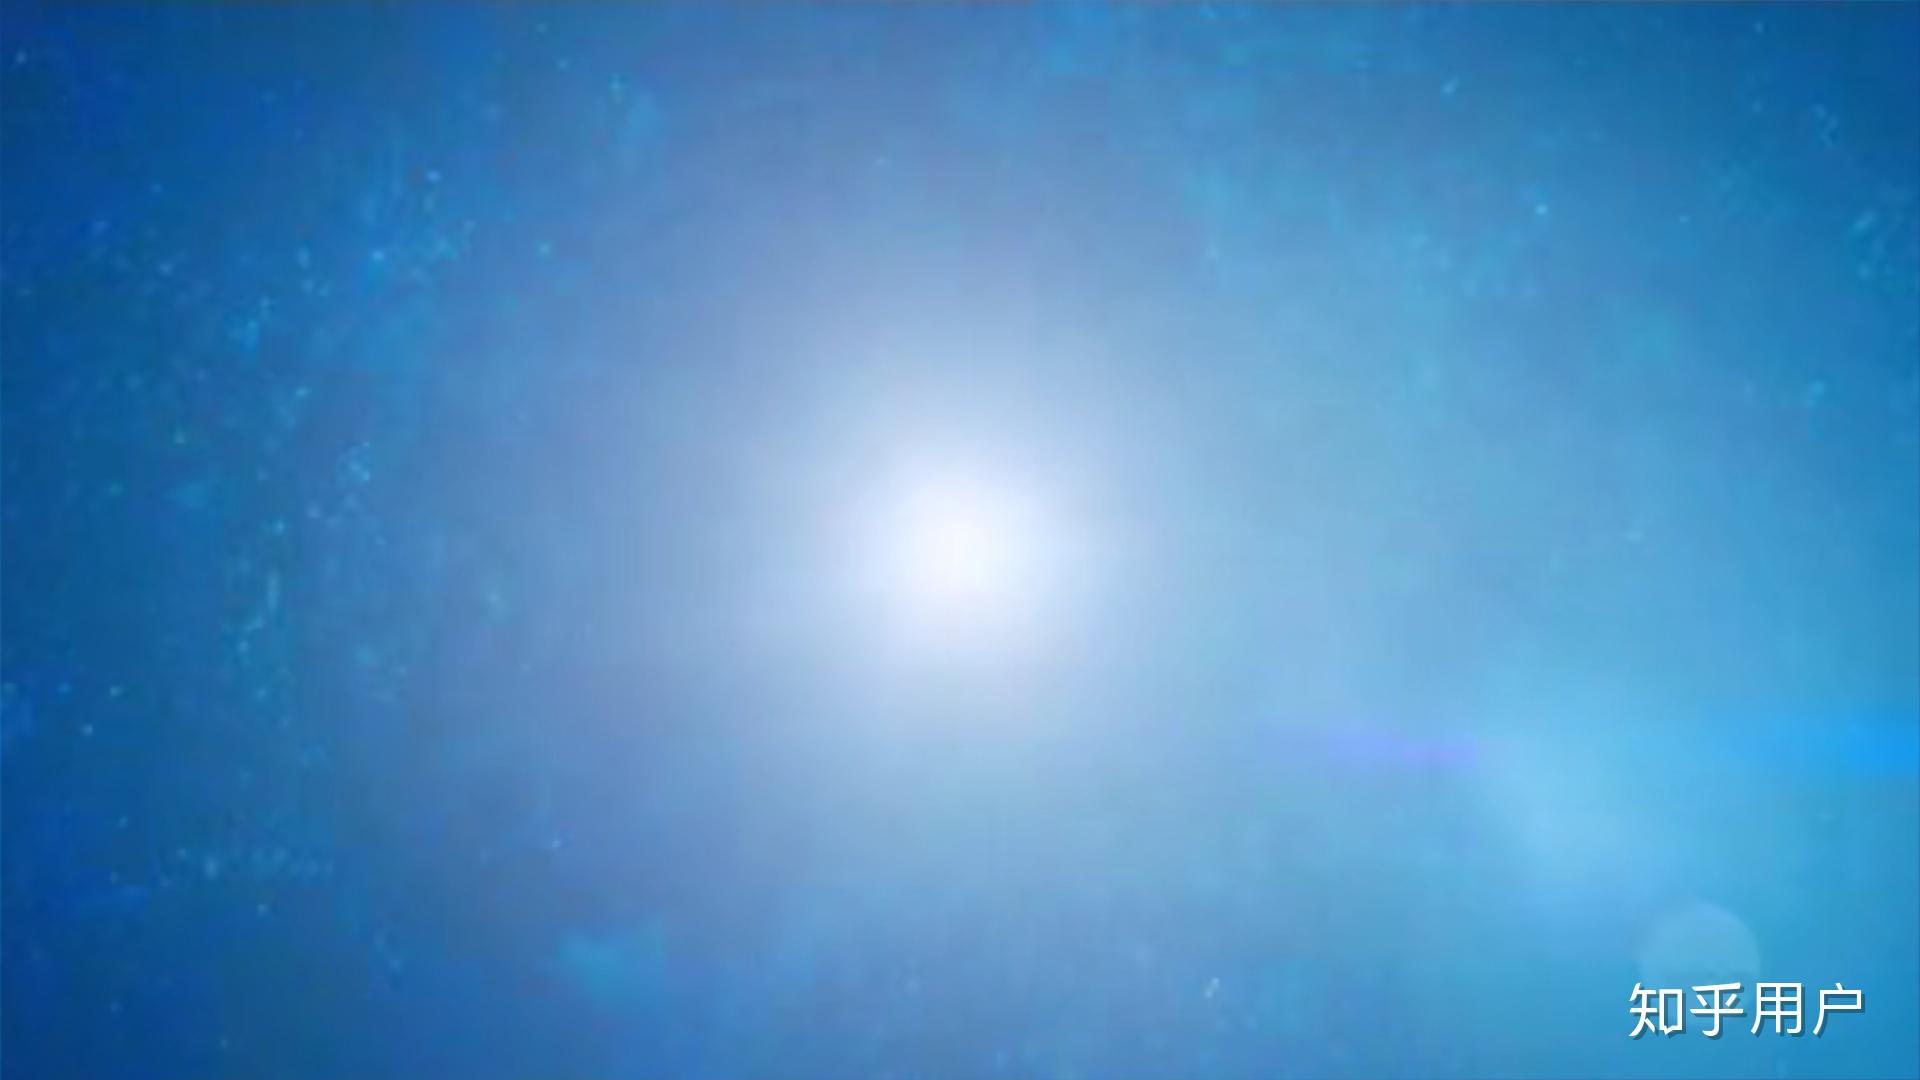 背景 壁纸 风景 皮肤 天空 星空 宇宙 桌面 1920_1080